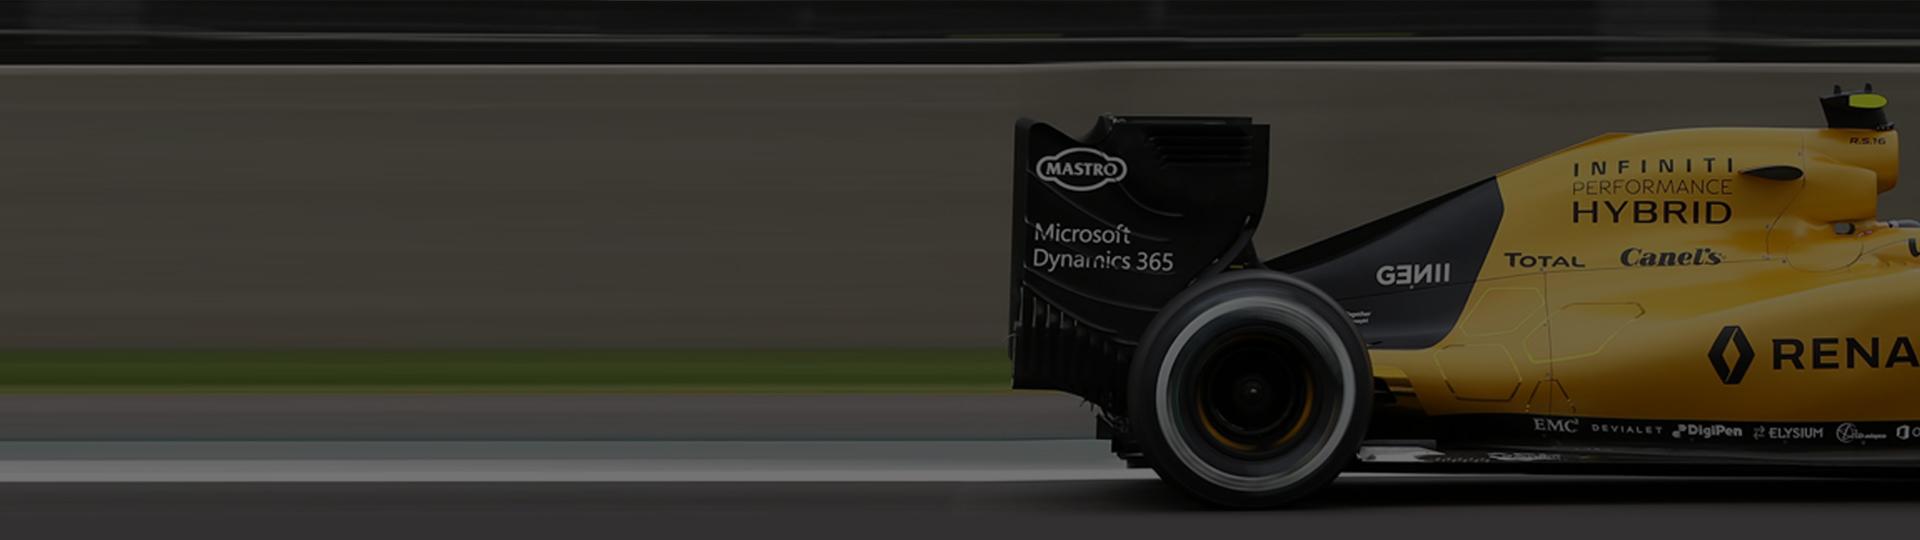 レーシング チームもクラウド サービスのスピードと敏捷性に注目